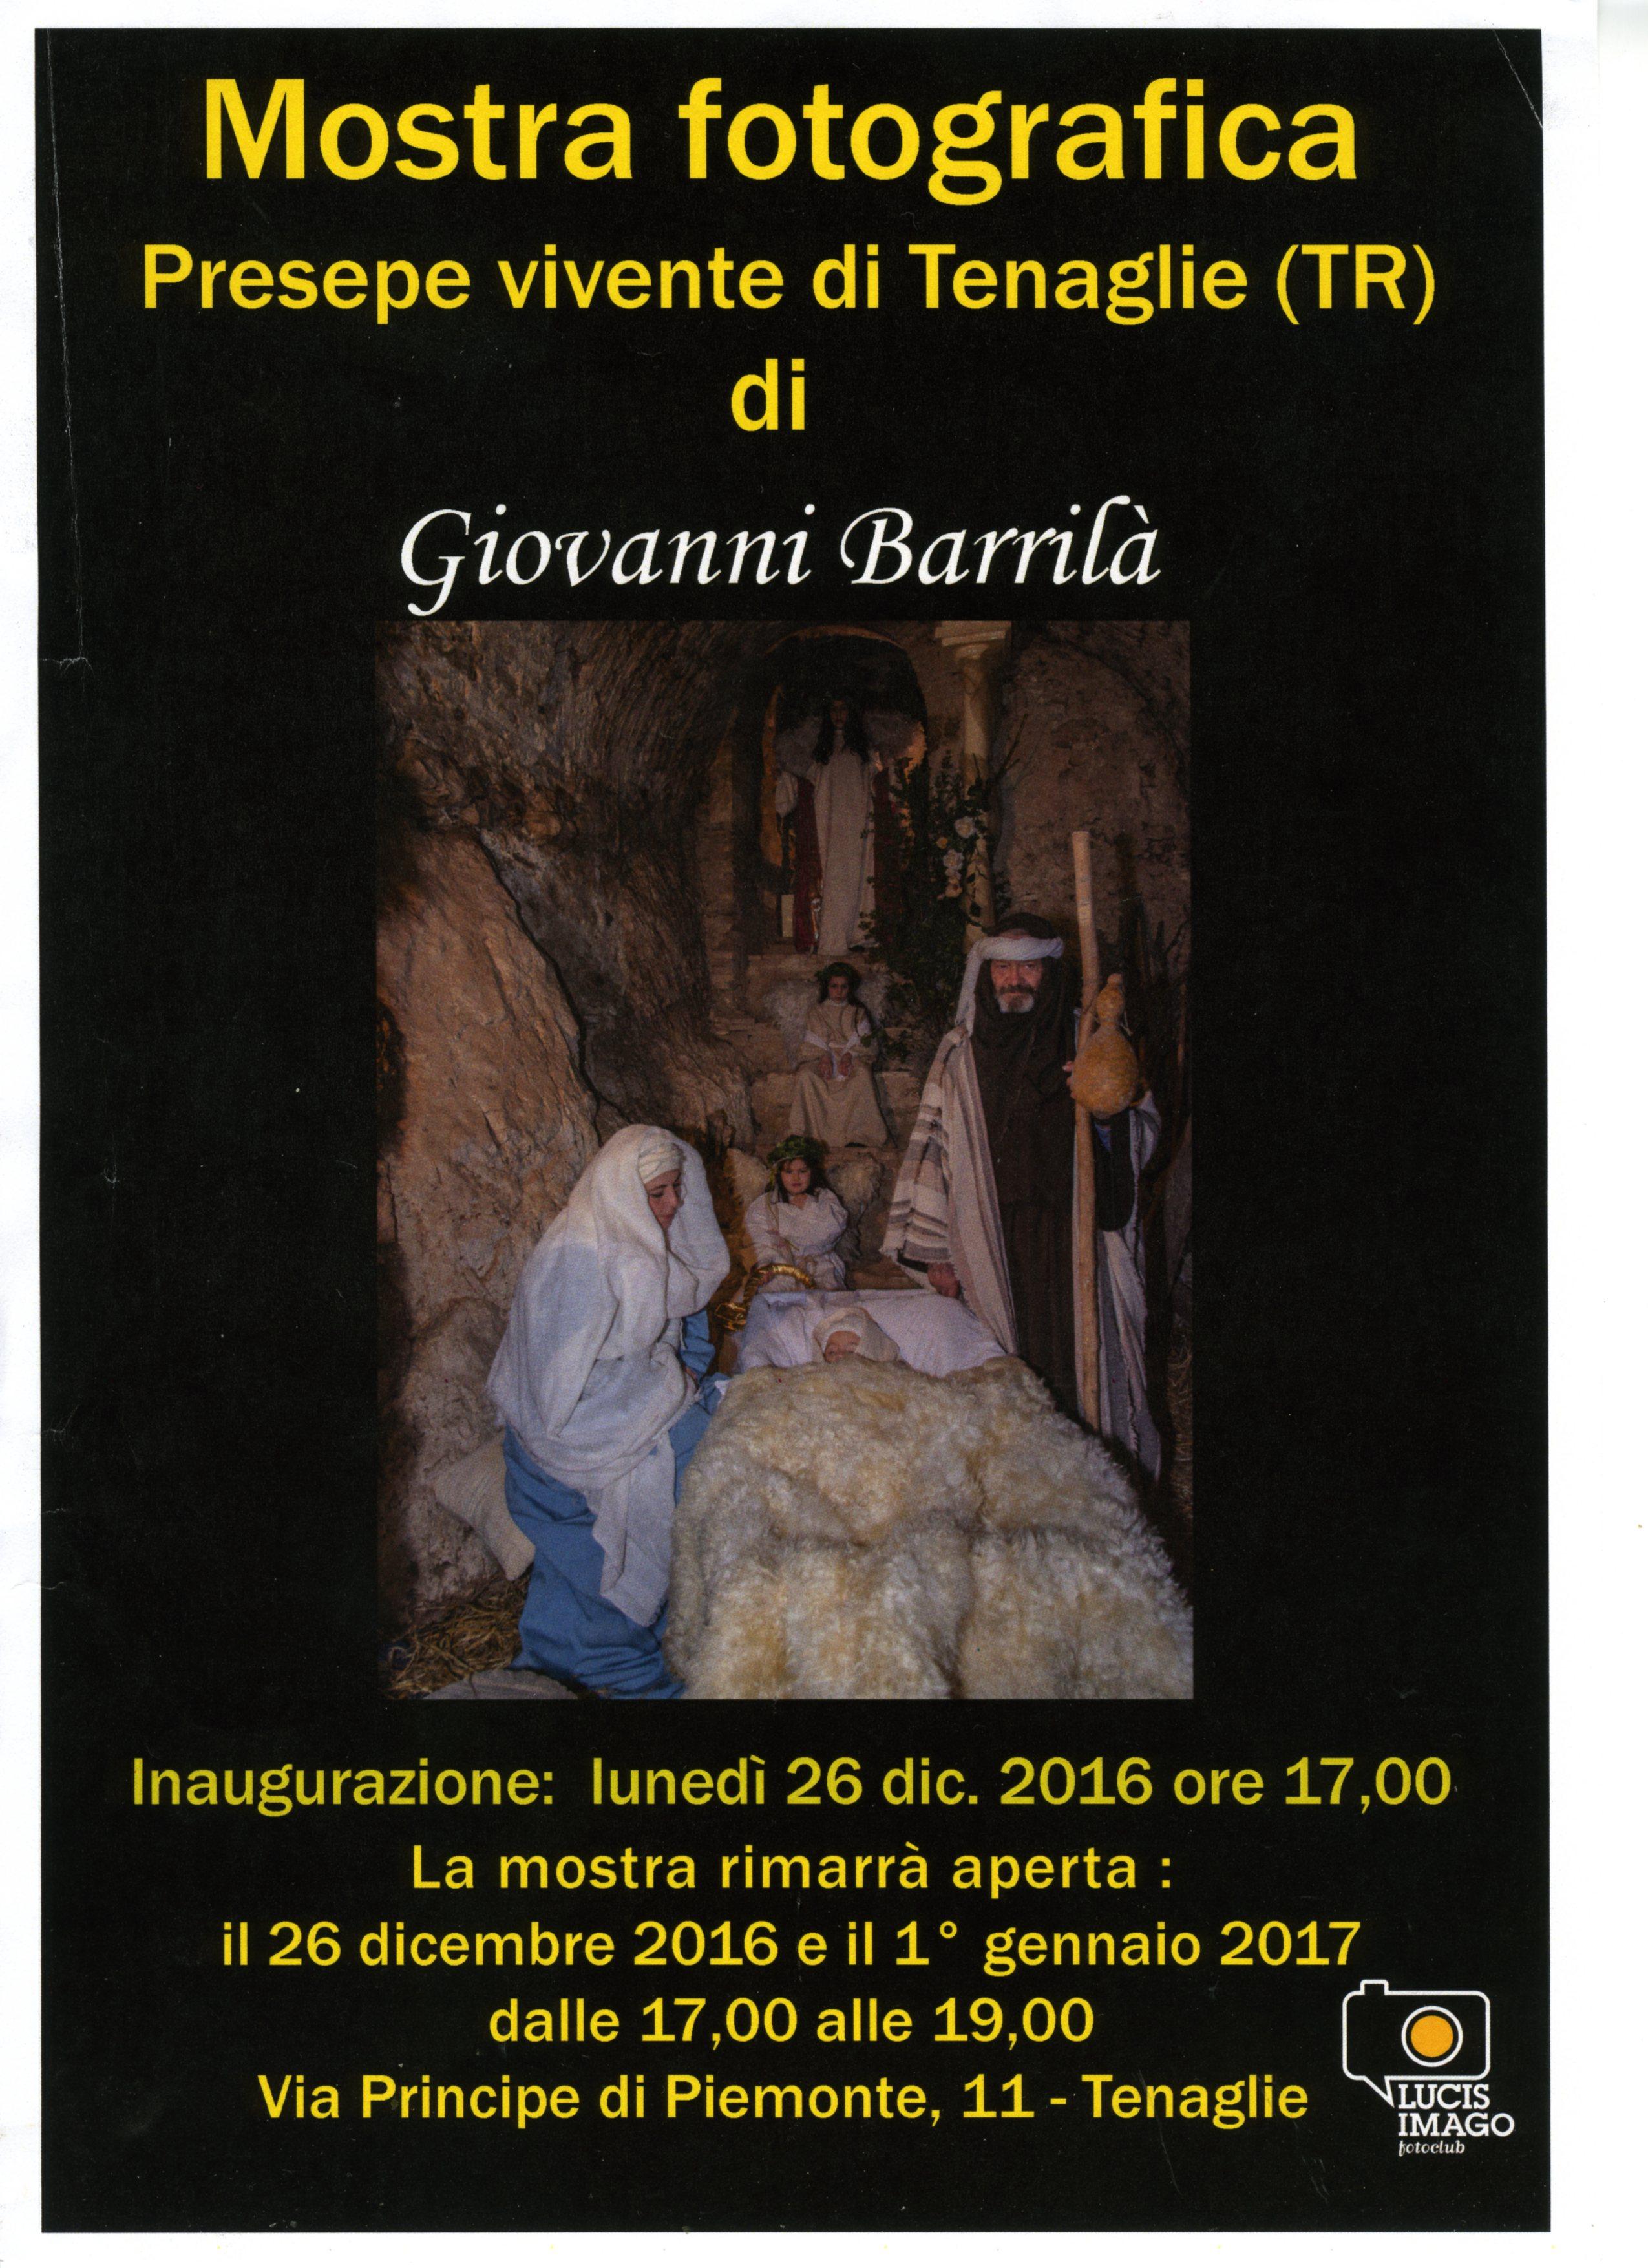 PRESEPE VIVENTE DI TENAGLIE – Giovanni Barrilà